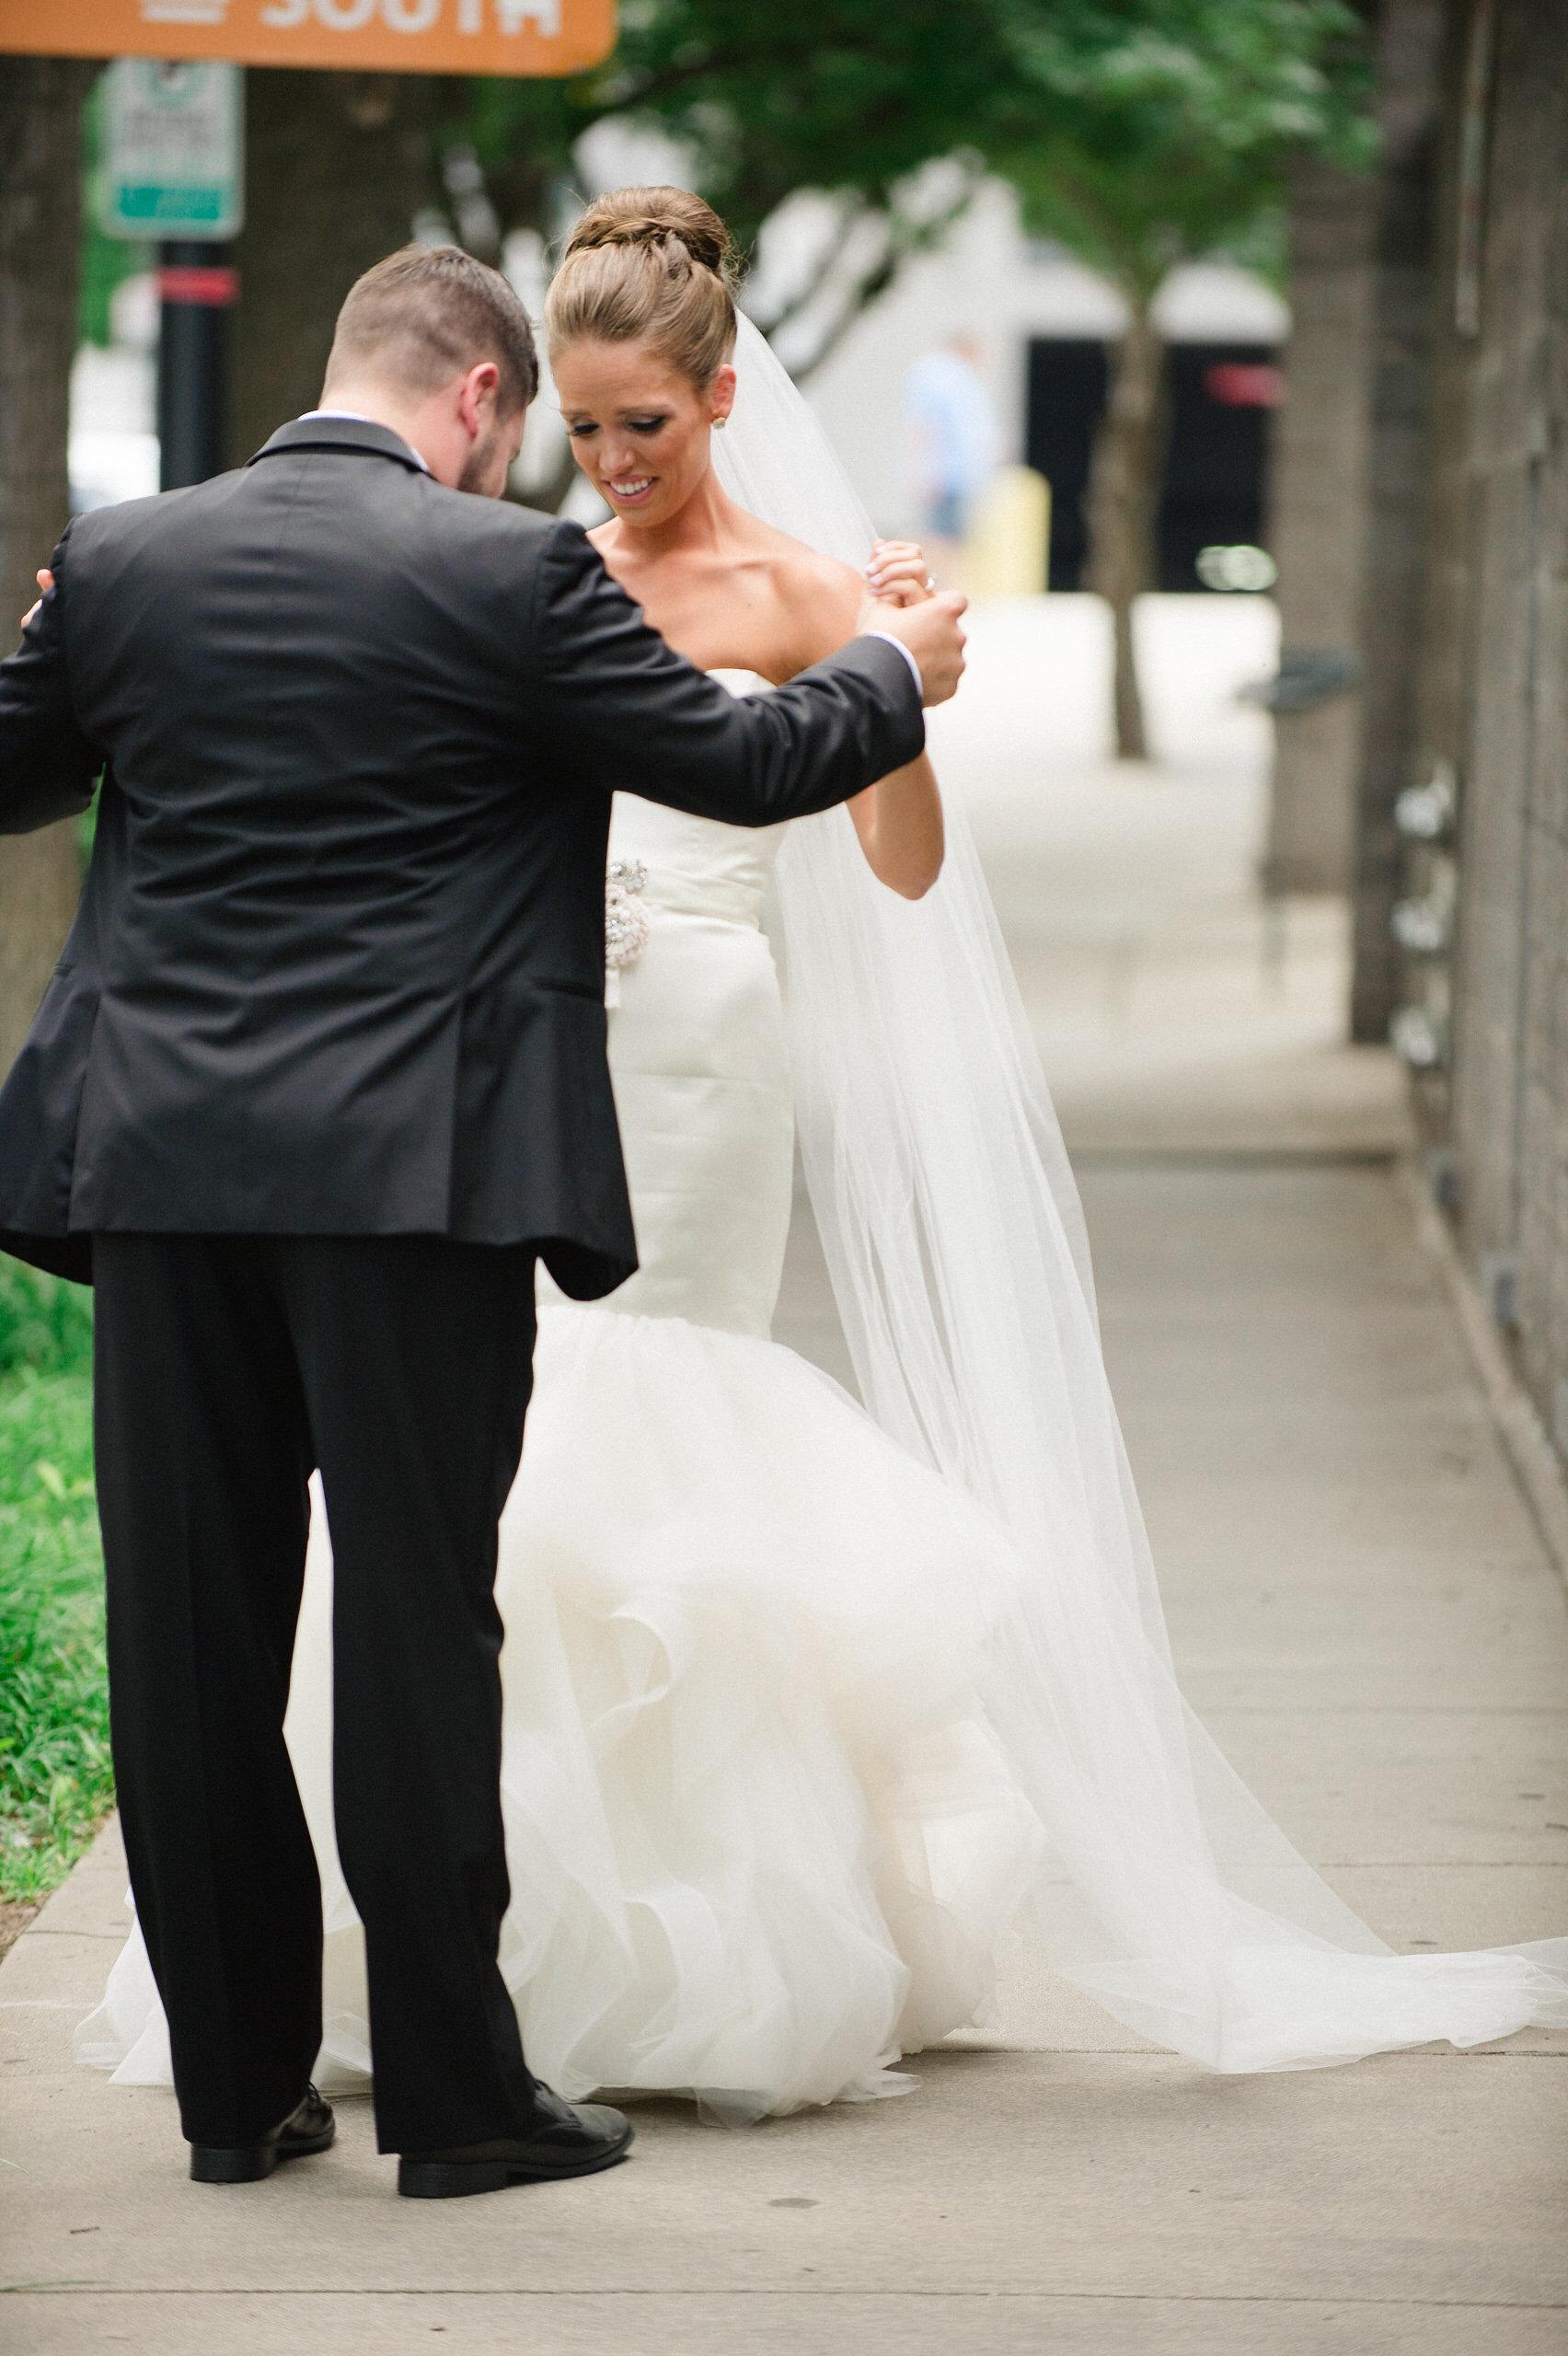 shelby&jordan|smitten&hooked|wedding|firstlook-017.jpg